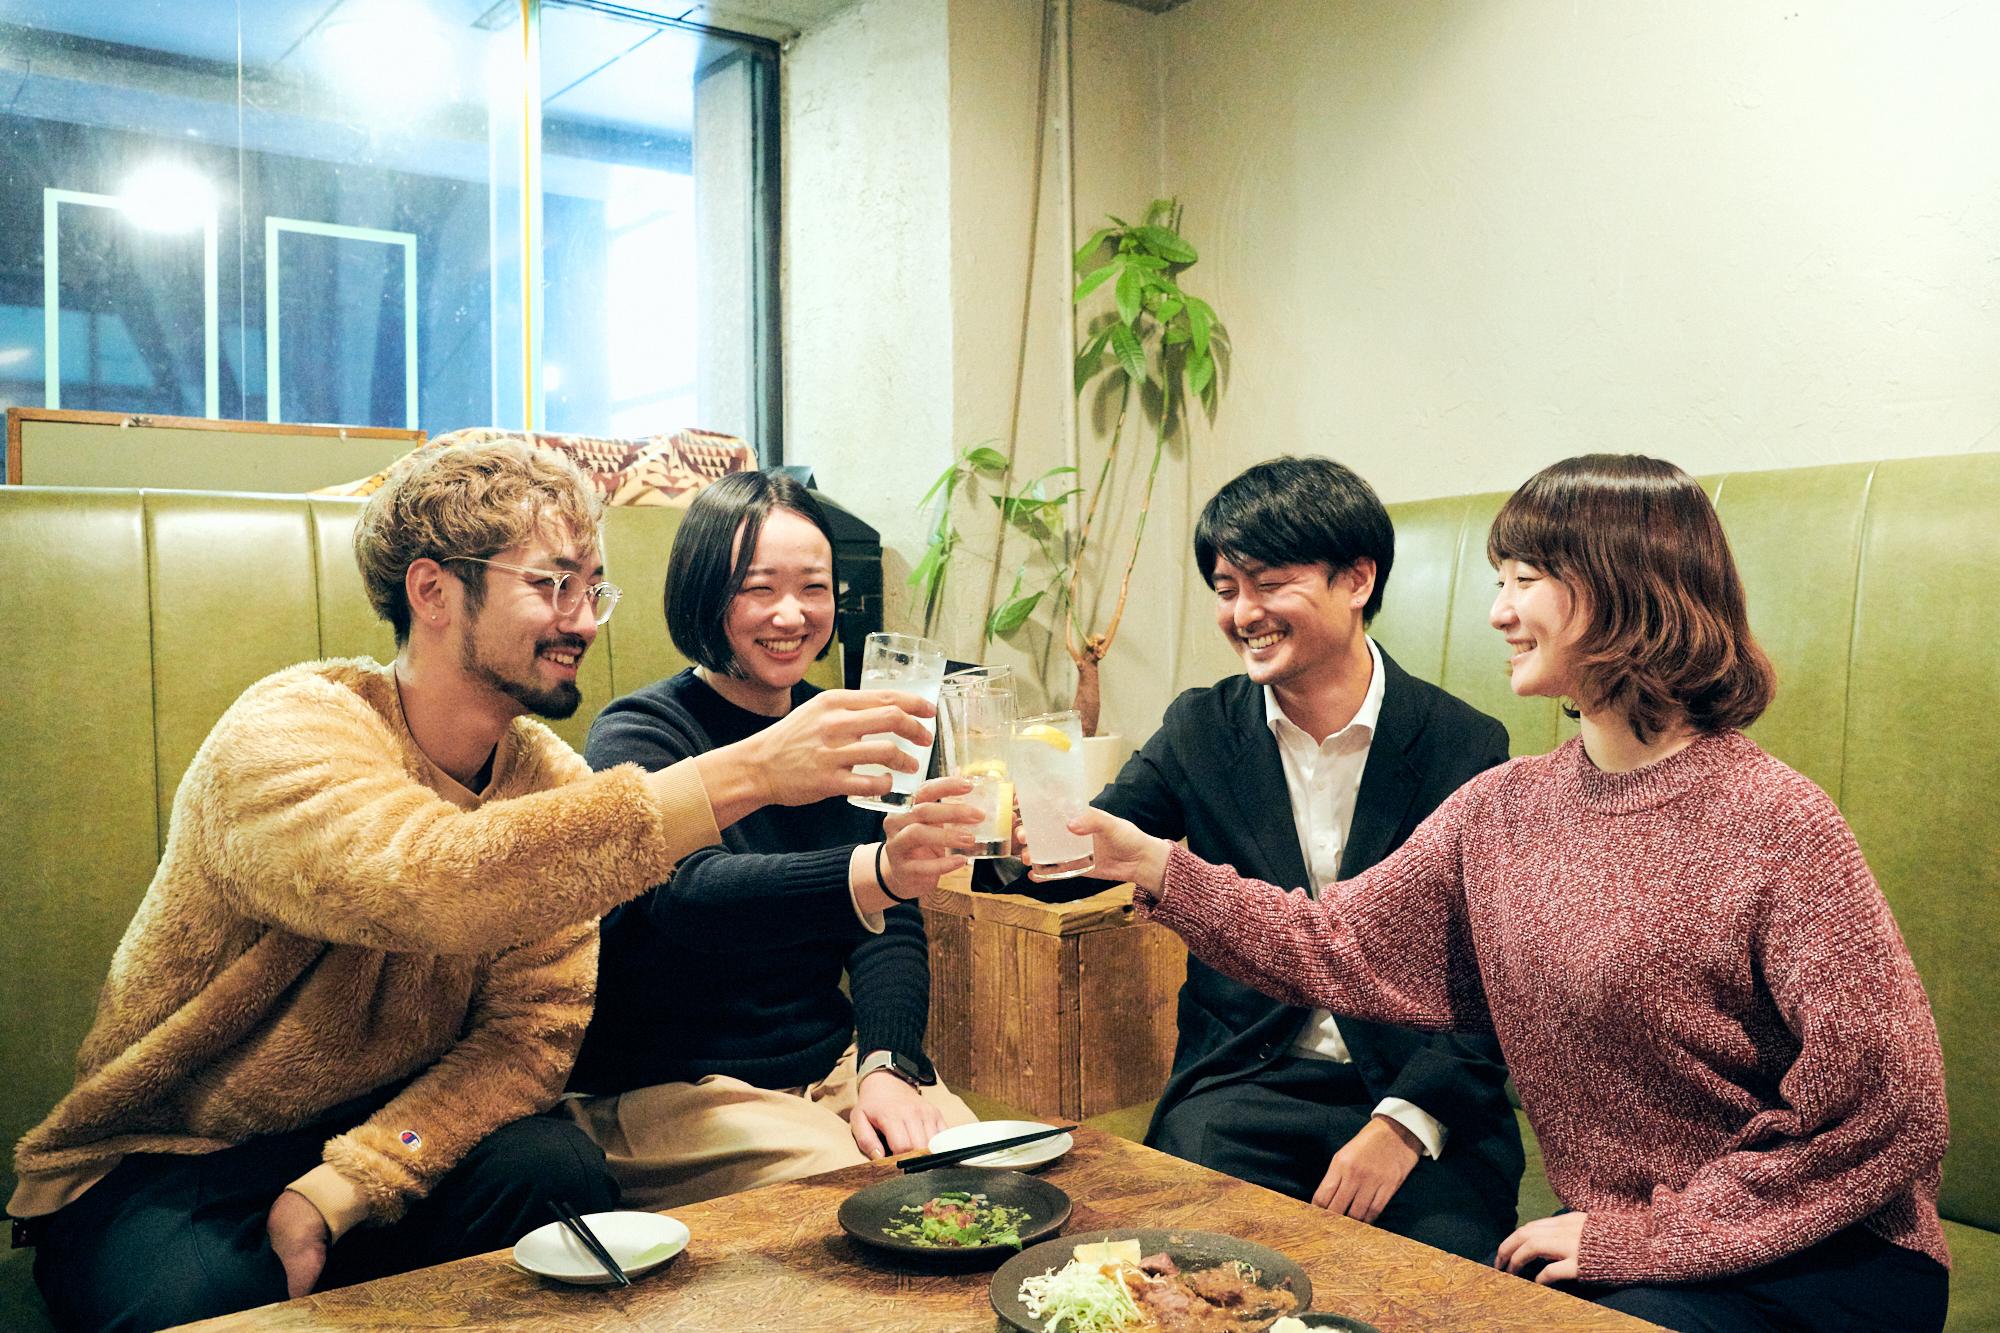 仕事終わりの加島さん(右から2番目)が合流。4人であらためて乾杯!